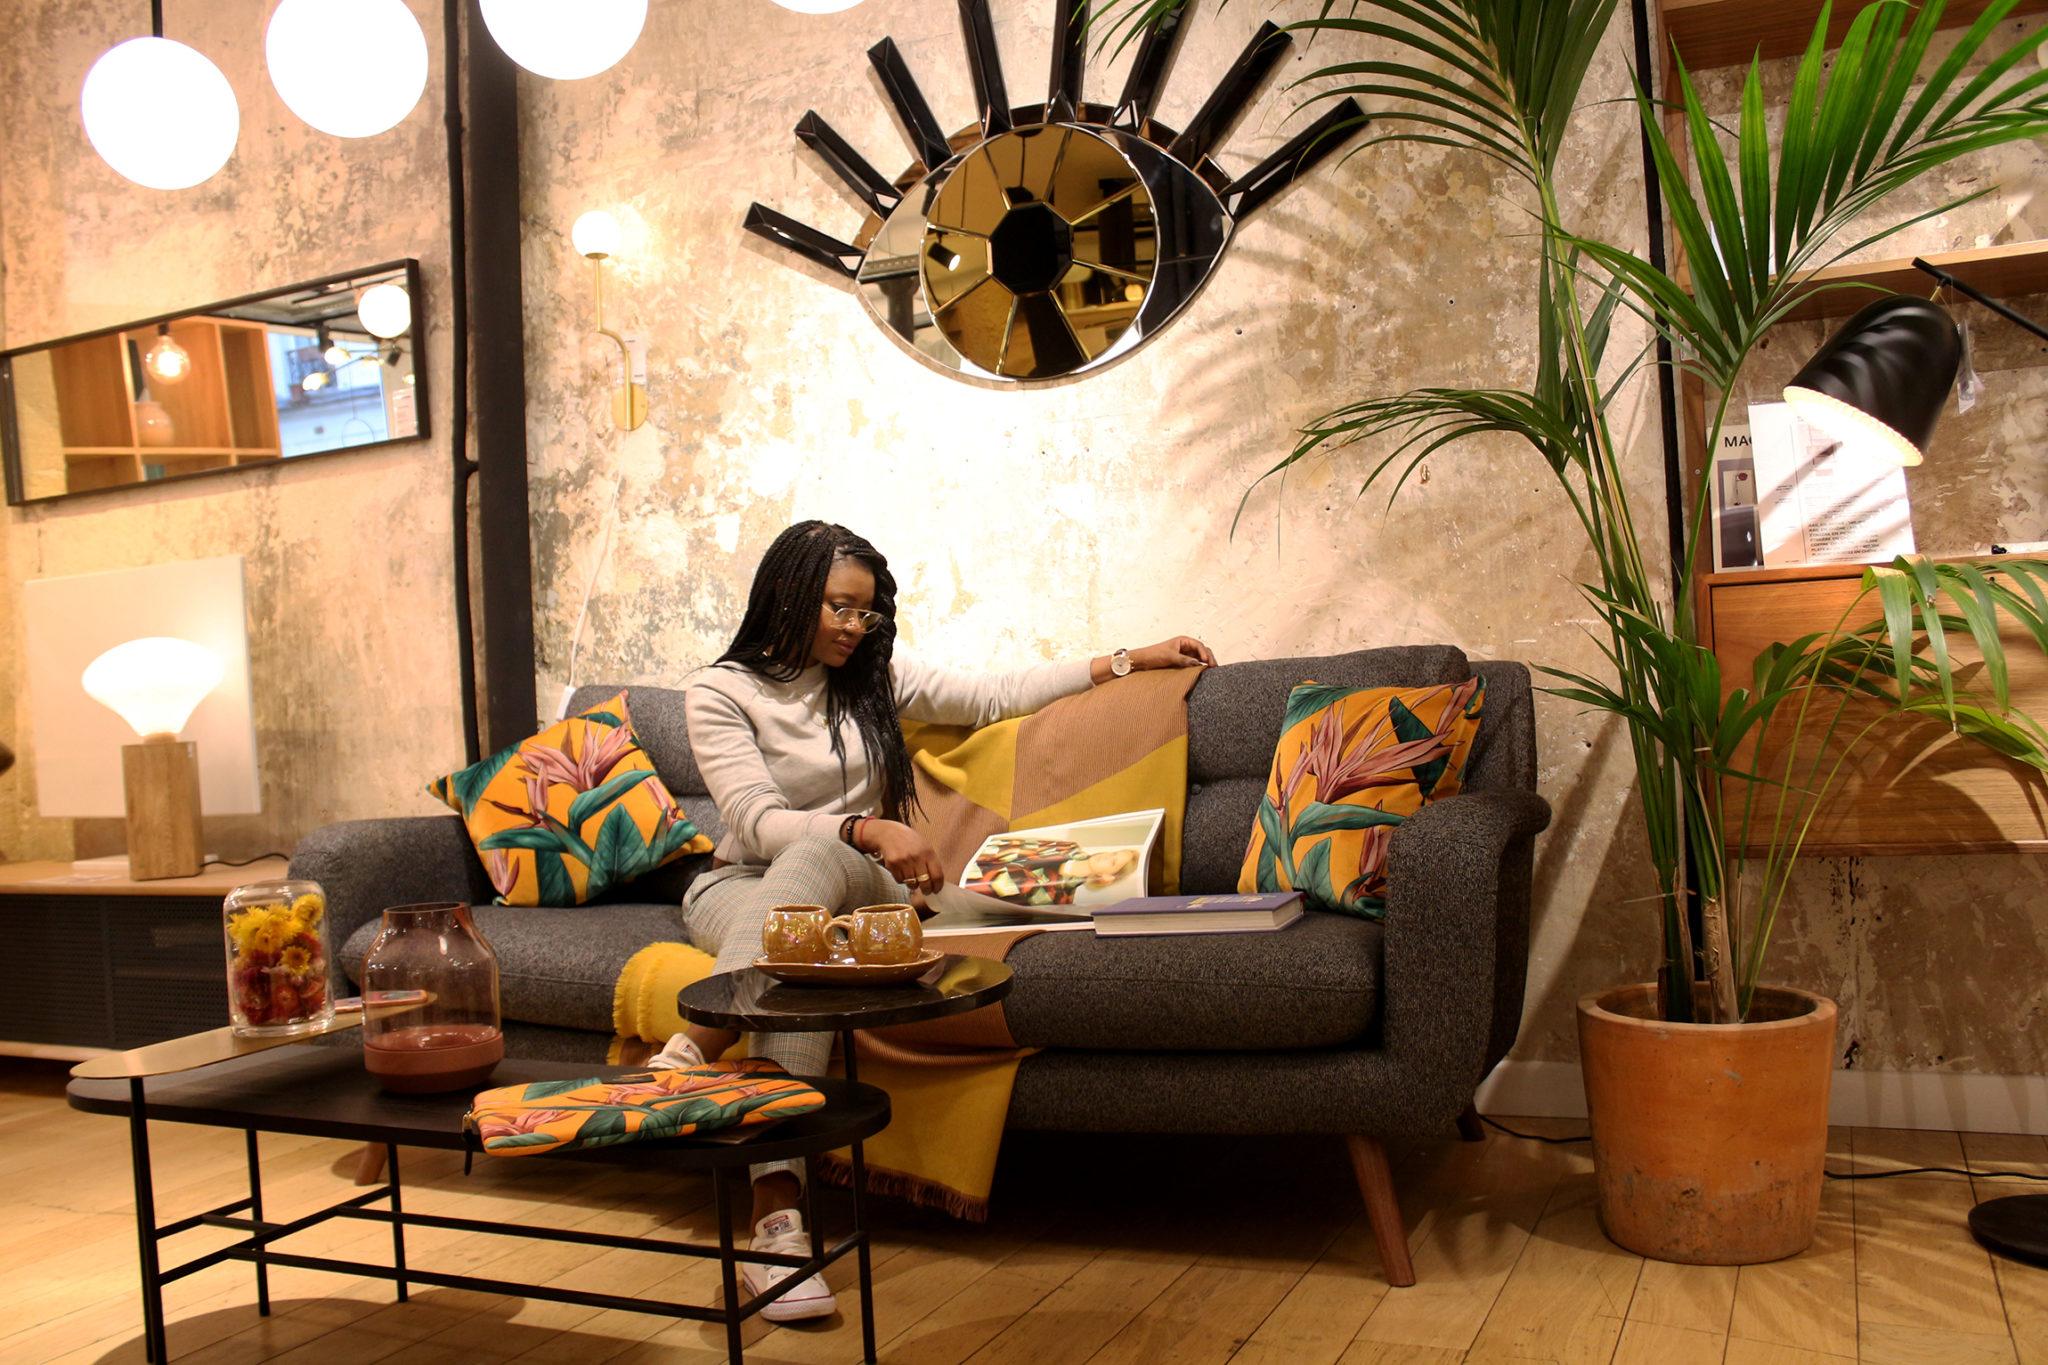 fleux decoration maison printemps concept store aissata 2018 08